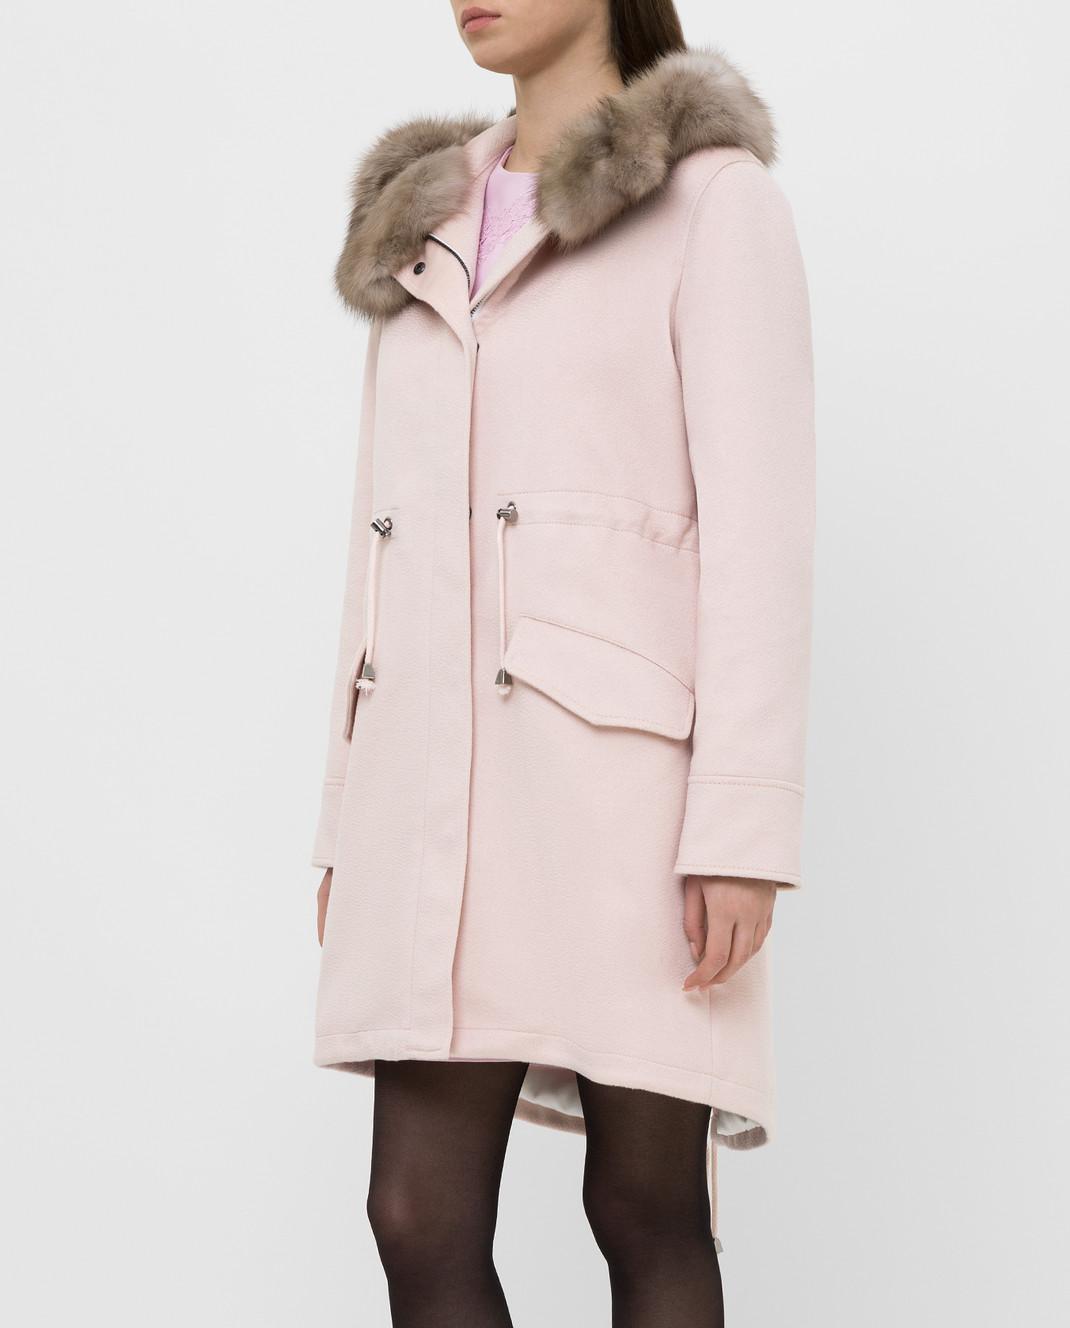 Real Furs House Светло-розовая парка из кашемира с мехом соболя изображение 3